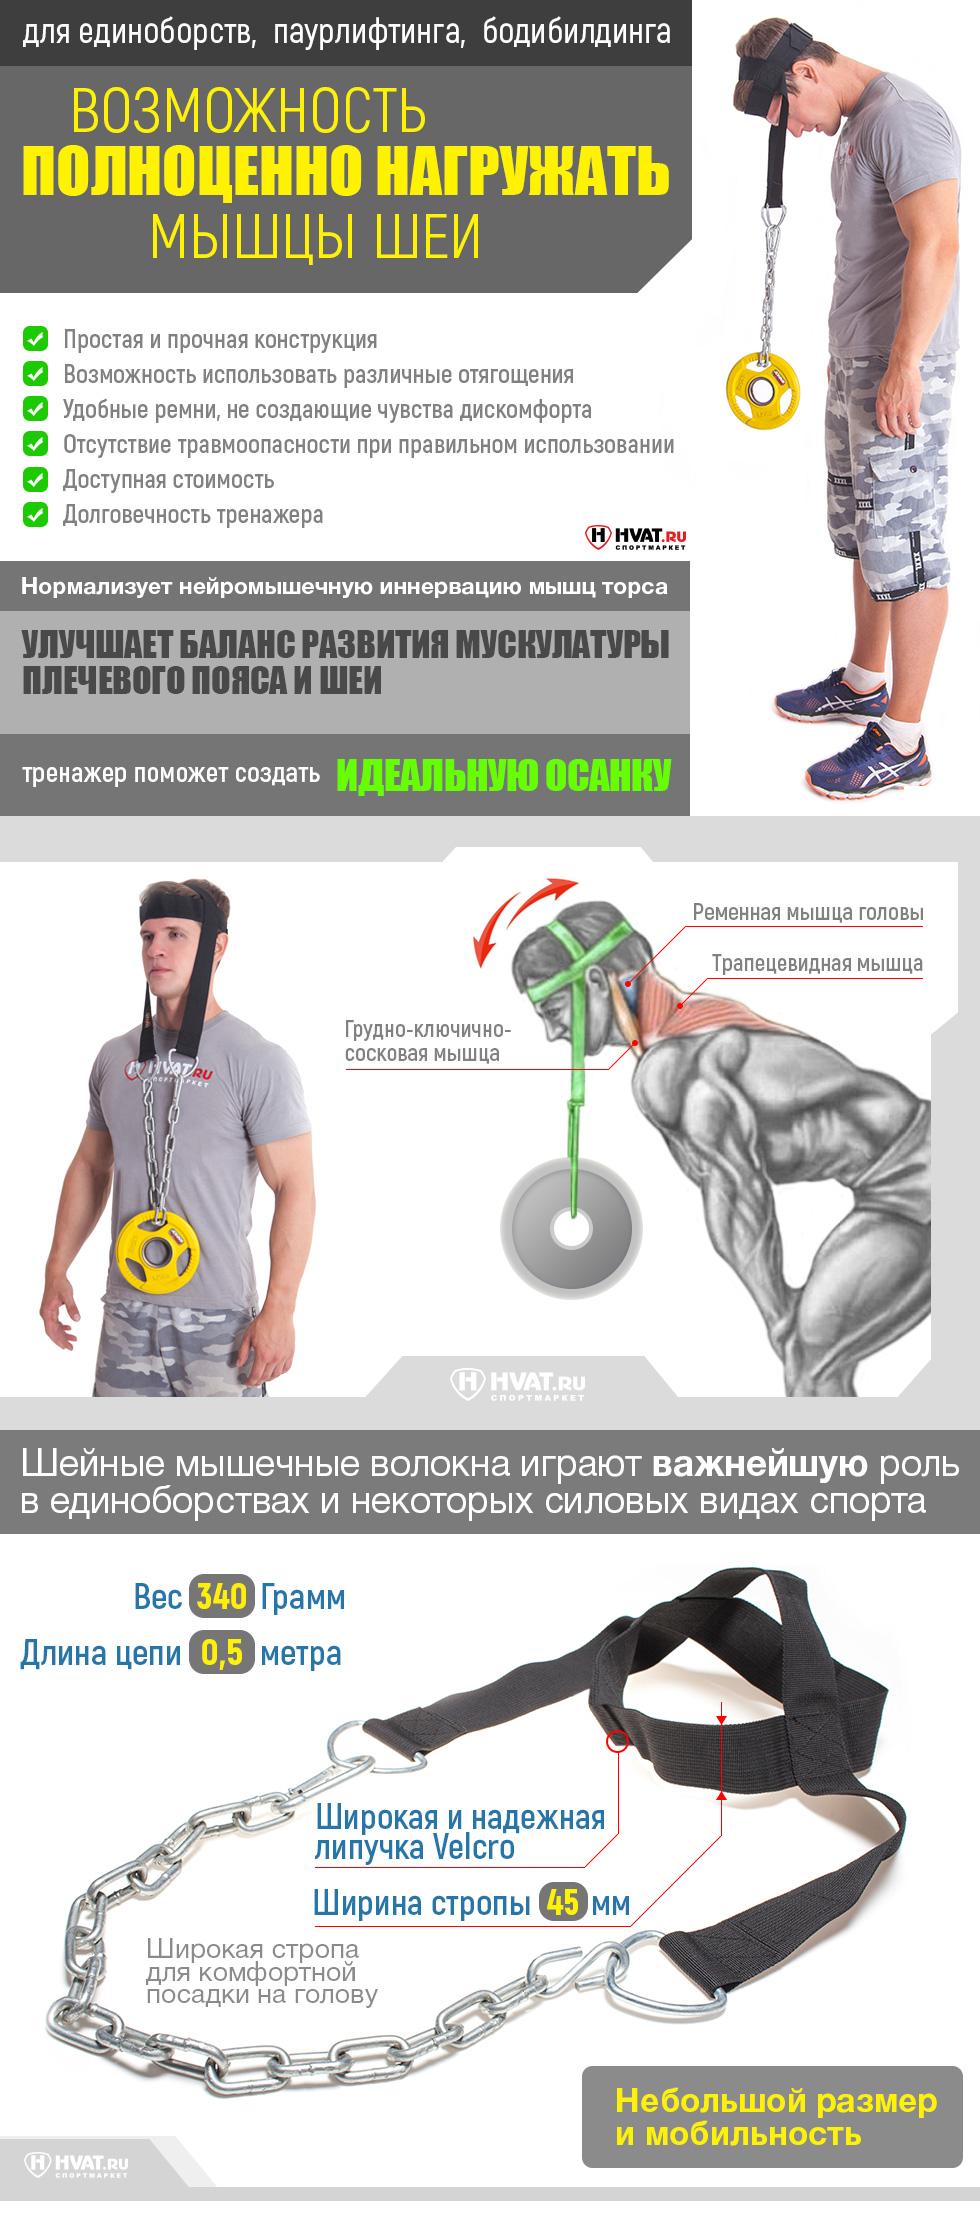 Скакалка скоростная Pro Supra FI-5108 - купить в Киеве